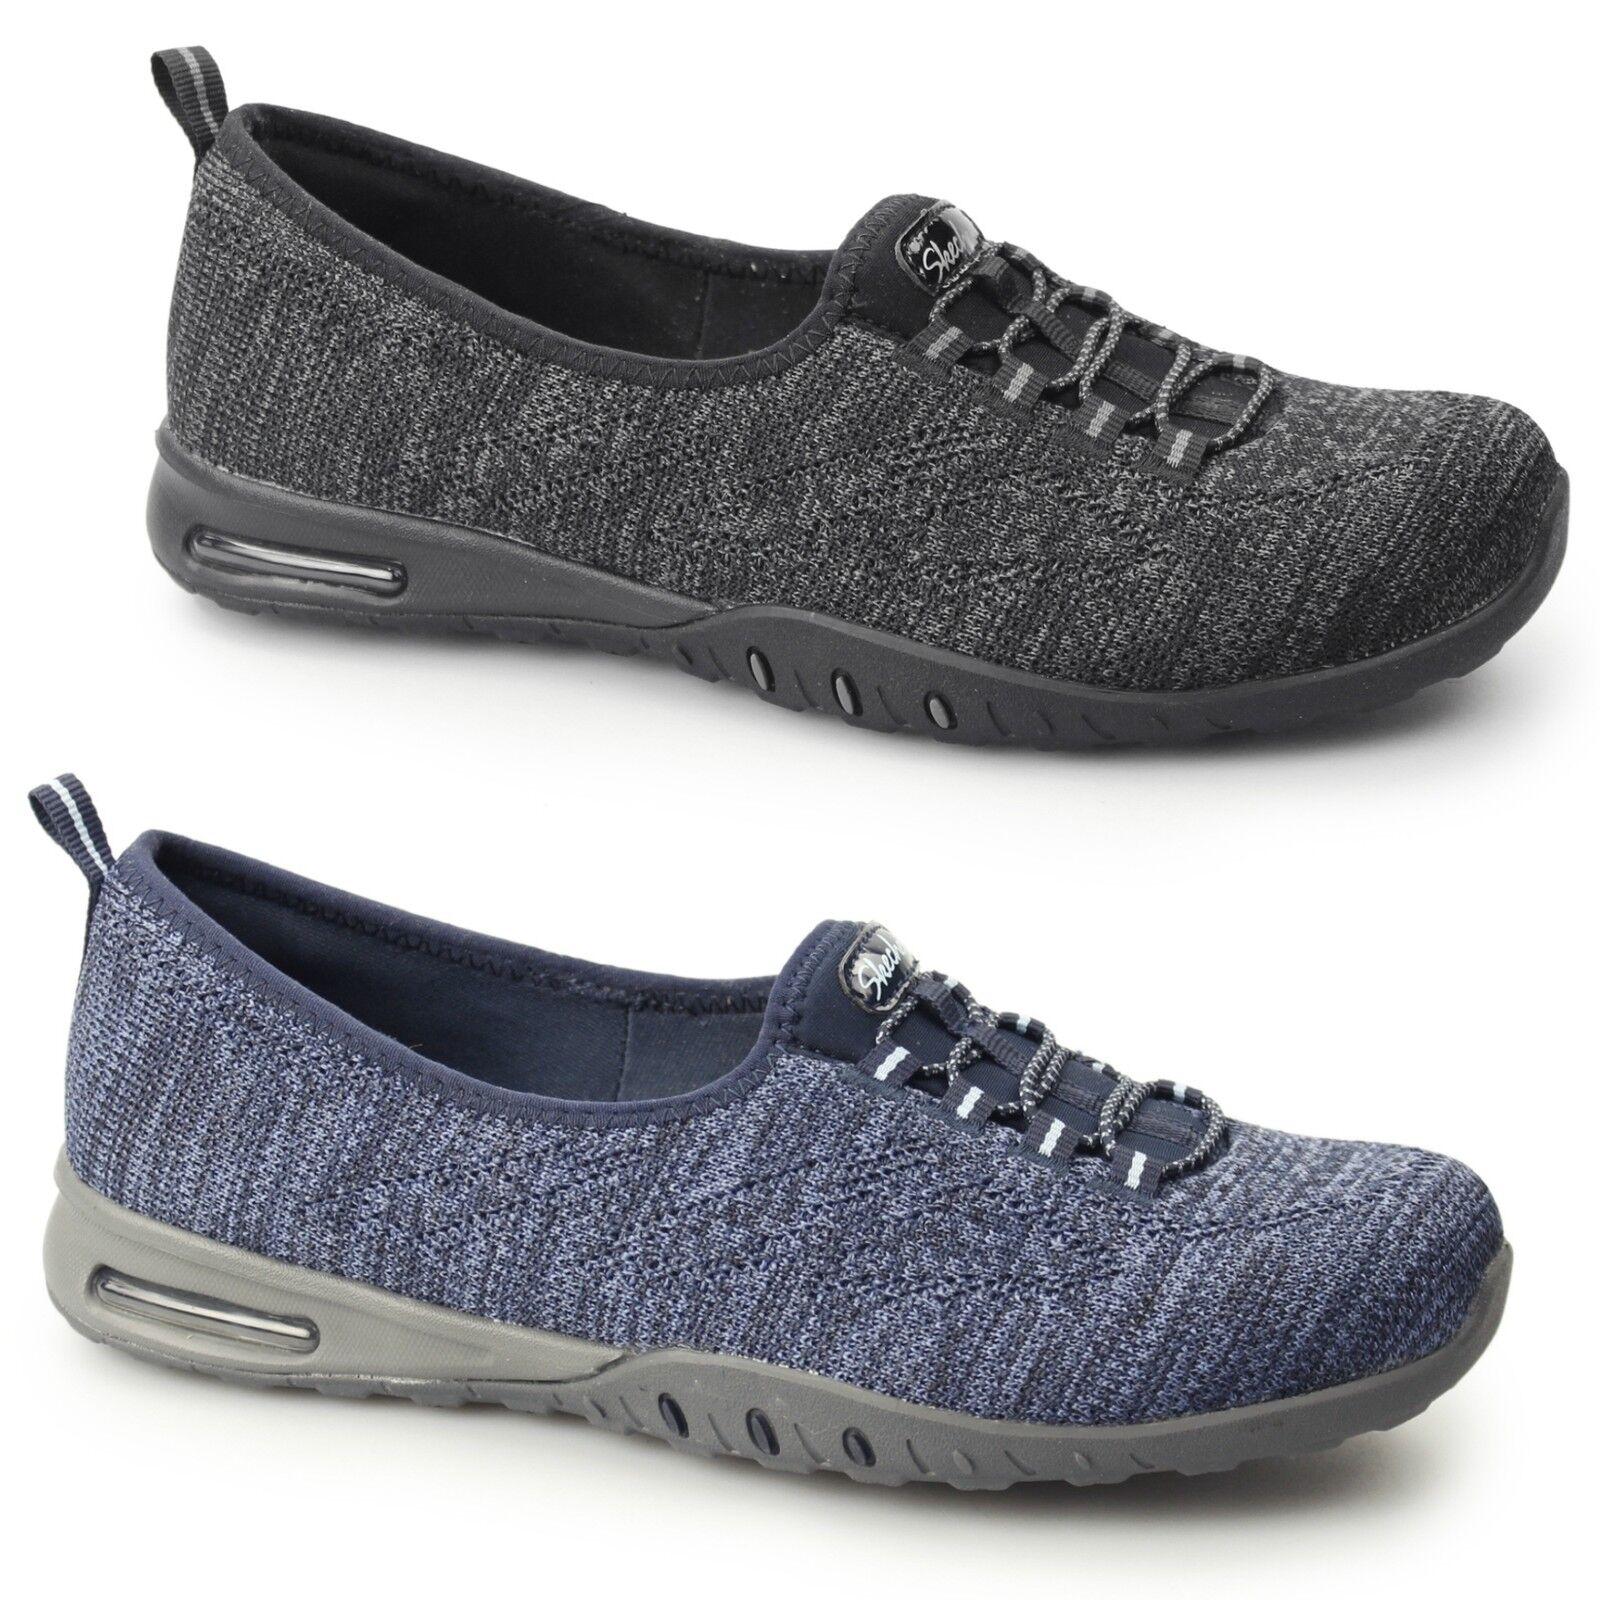 Skechers relaxed fit  facile à l'air dans mes rêves de femmes à enfiler mousse à mémoire de chaussures